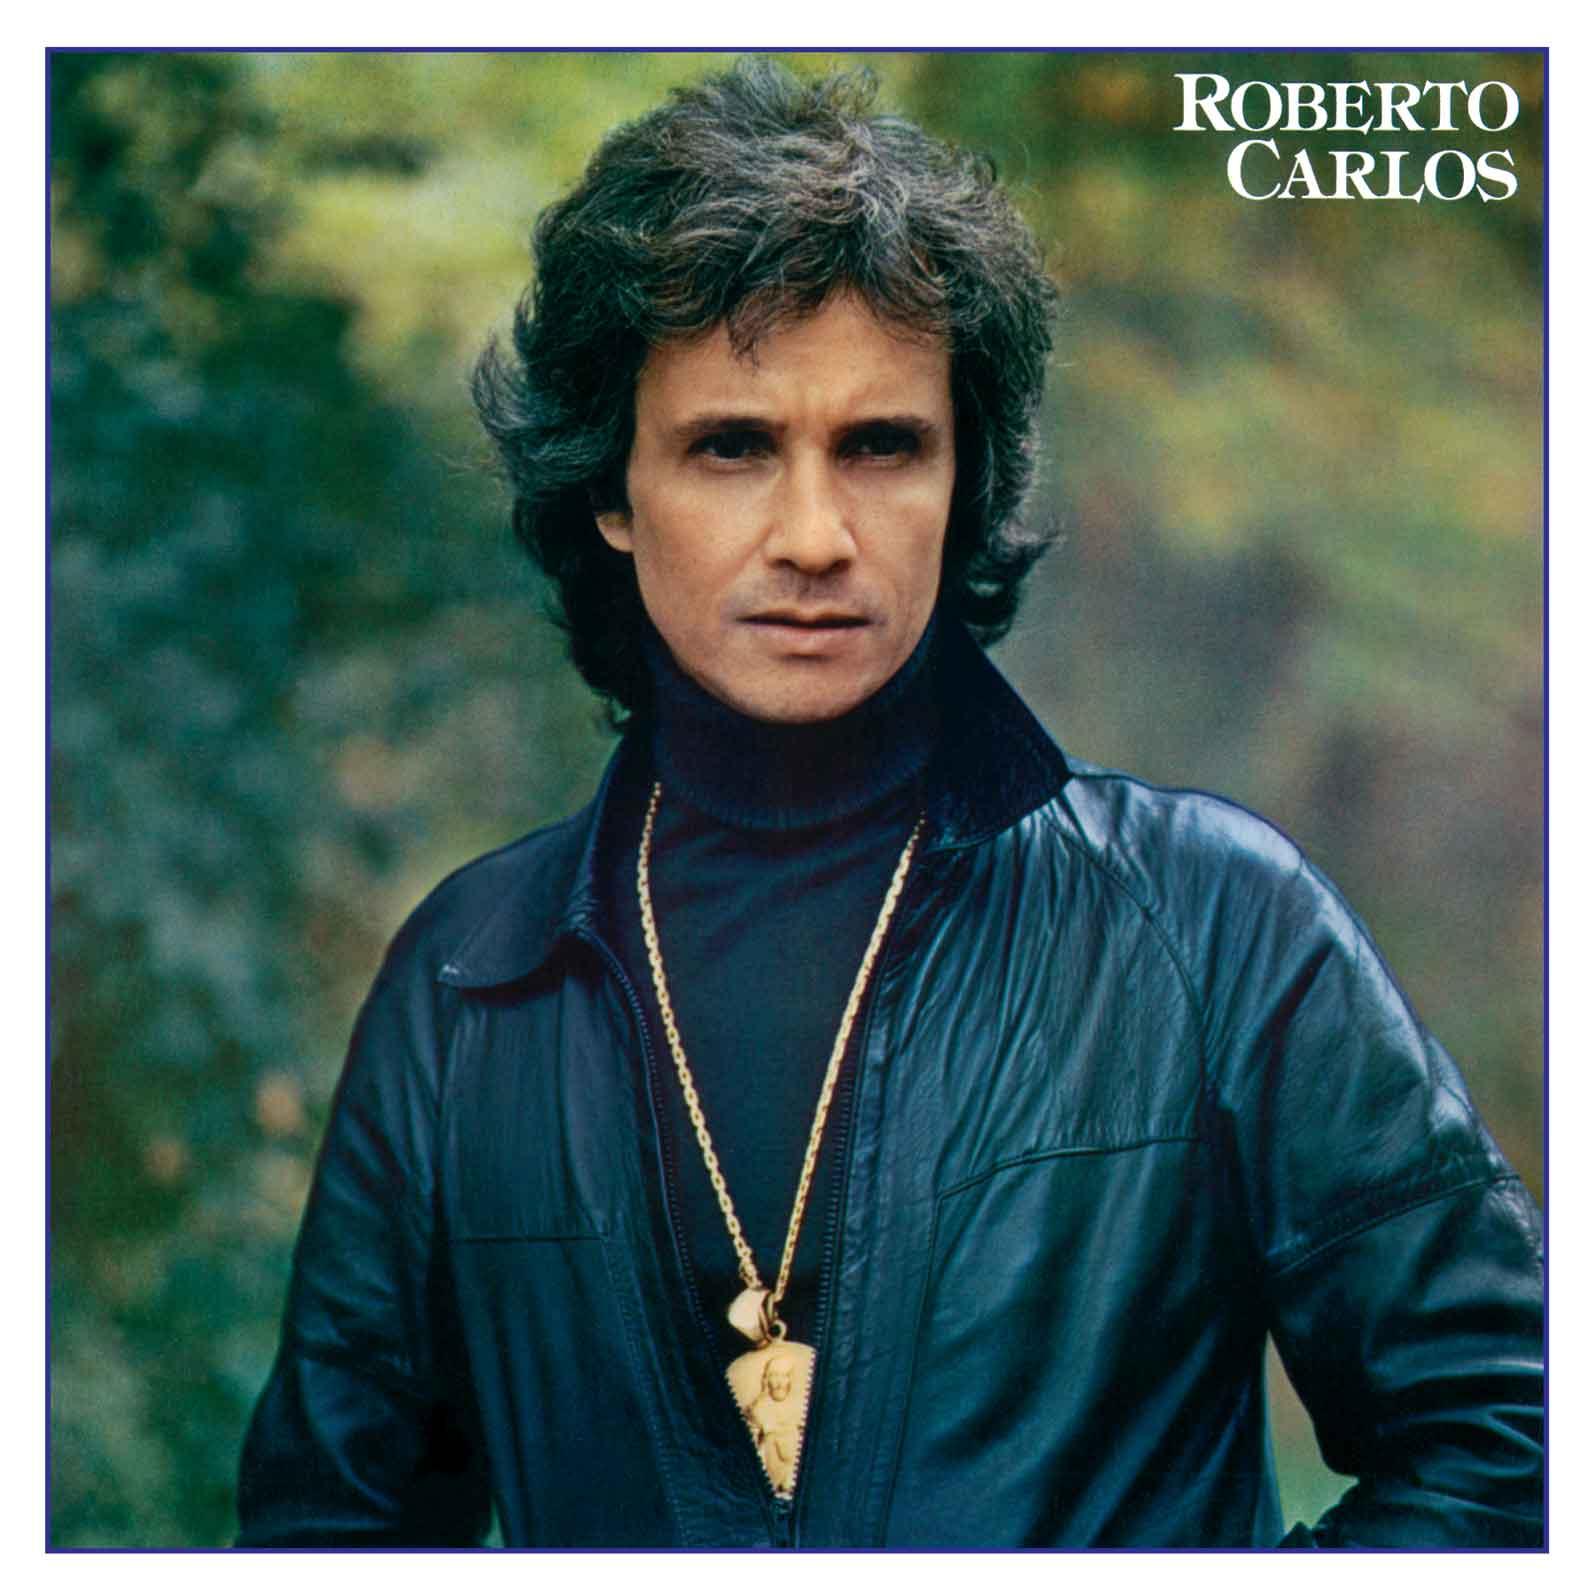 Roberto Carlos 1981  Roberto Carlos